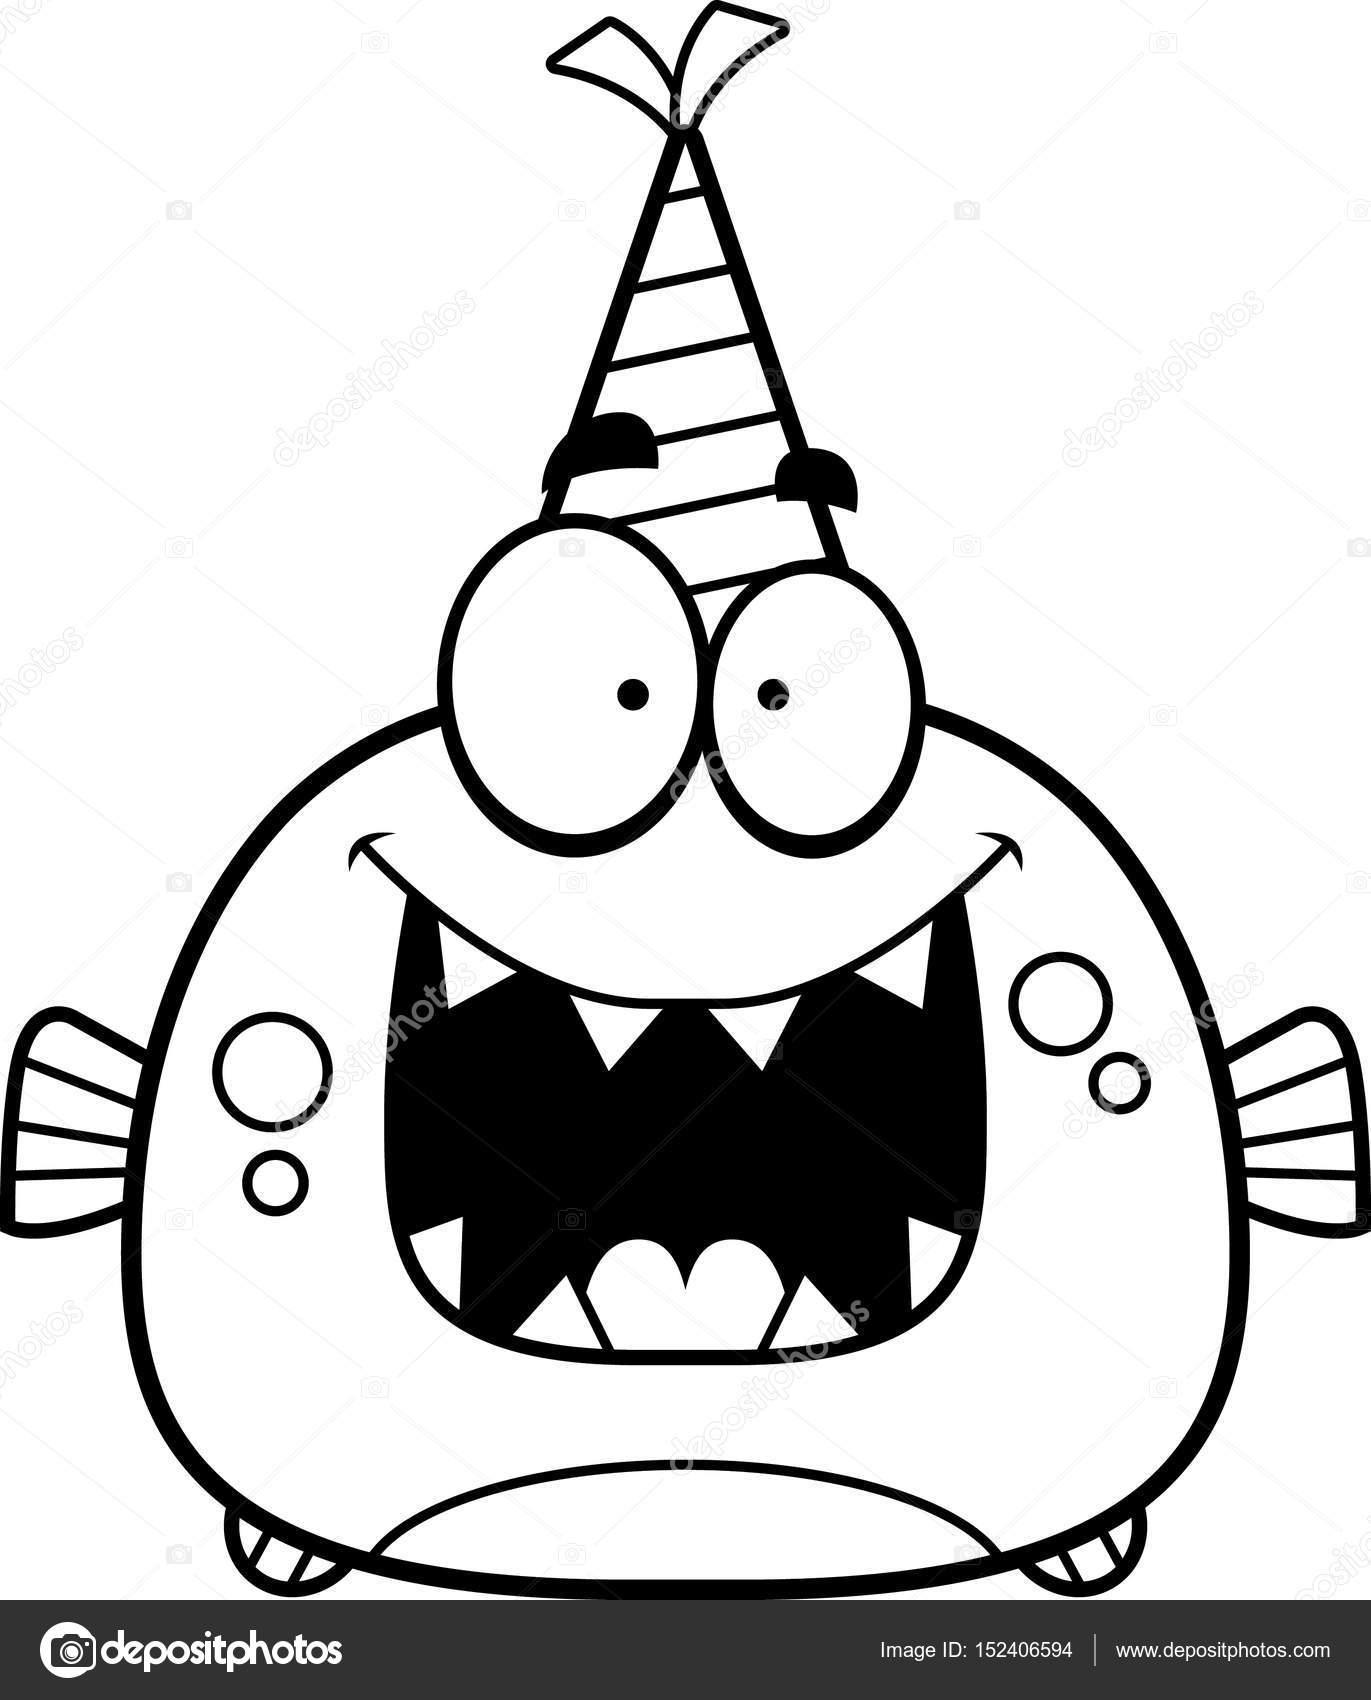 Fiesta de cumpleaños de dibujos animados Piraña — Archivo Imágenes ...